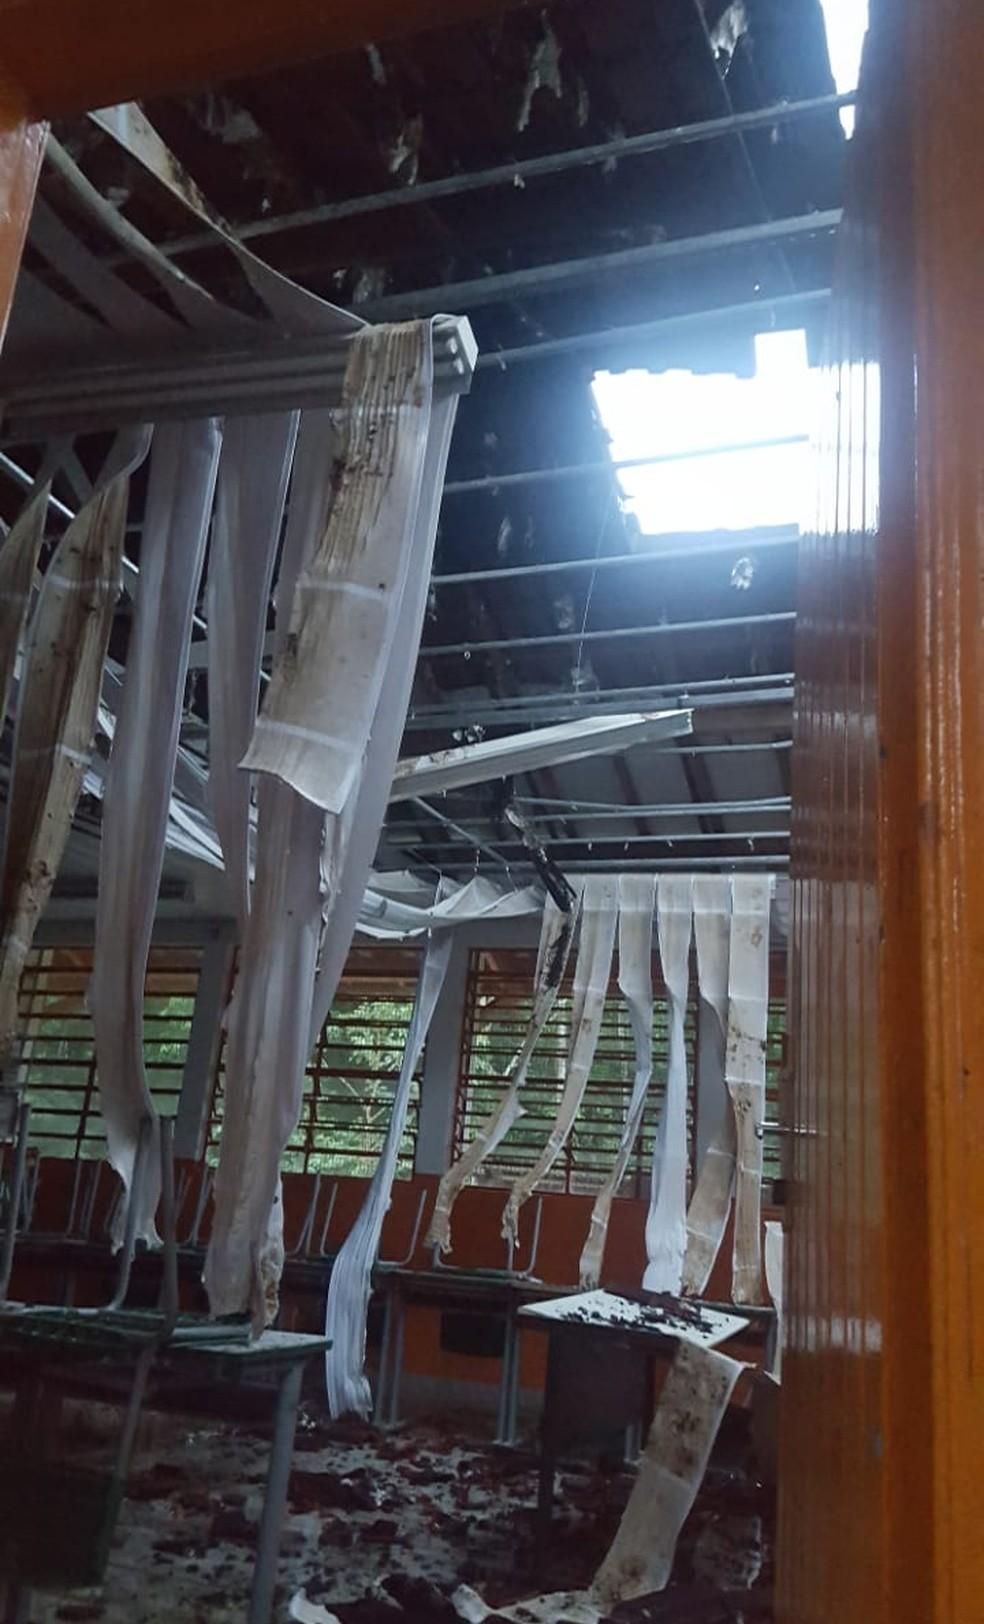 Uma das salas teve o teto comprometido após incêndio em Pariquera-Açu, SP — Foto: G1 Santos